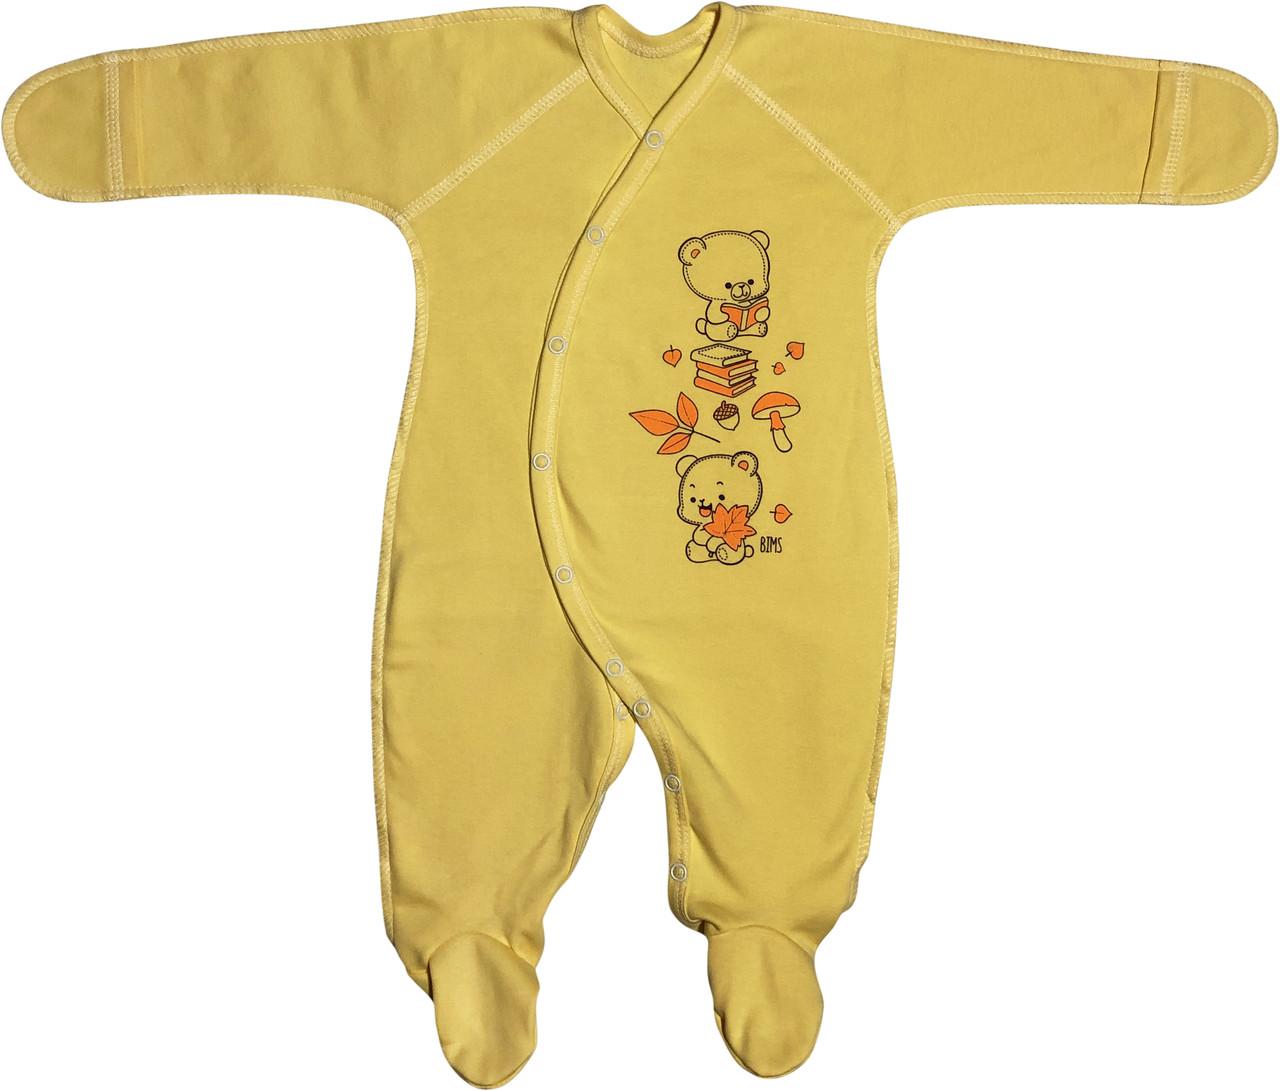 Тёплый человечек с начёсом царапками для новорожденных рост 62 2-3 мес на мальчика девочку трикотаж жёлтый